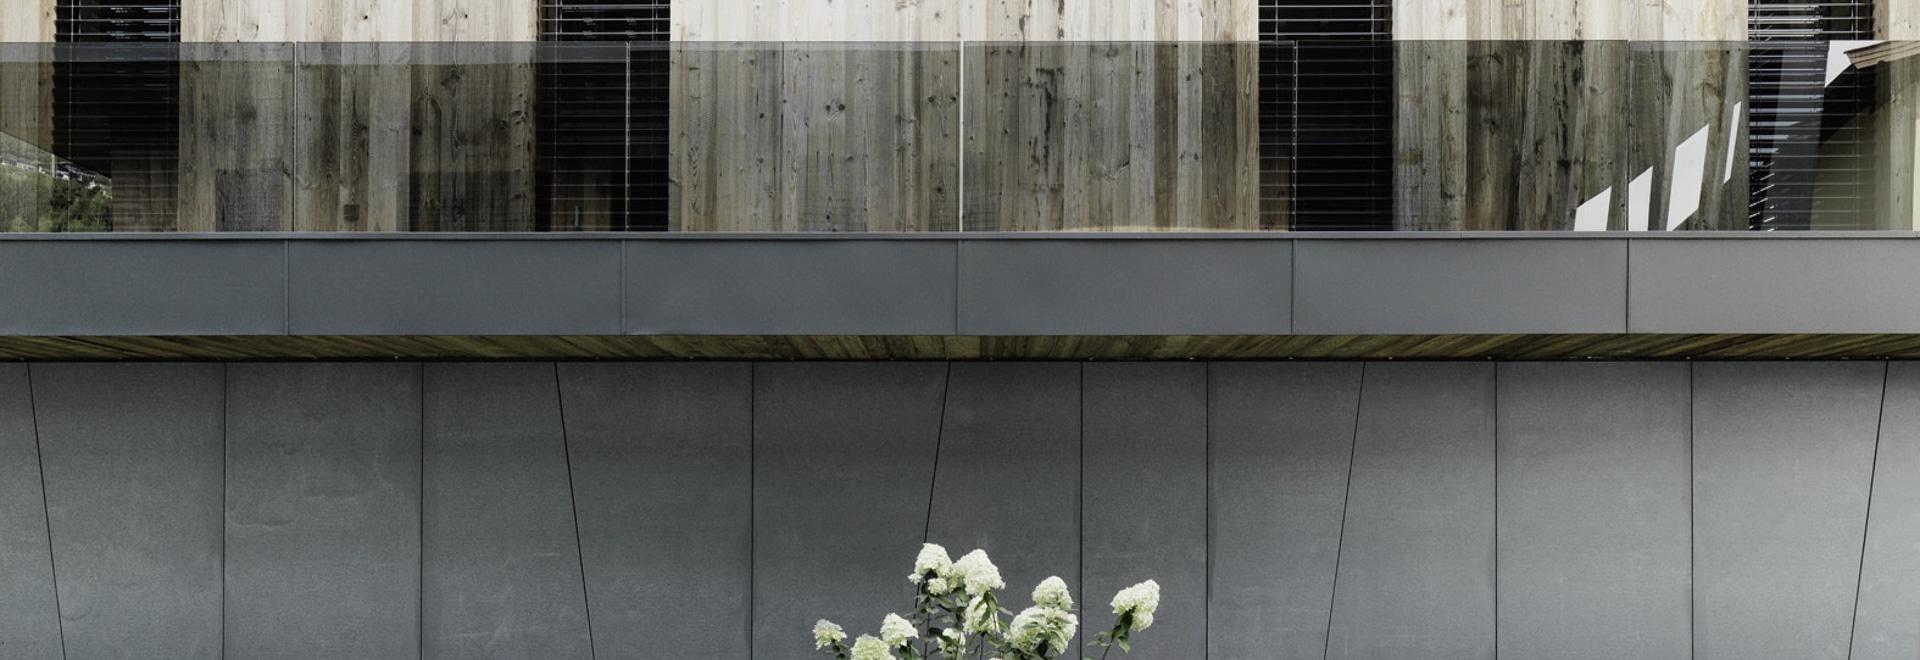 façade made of glass fibre concrete in vintage design